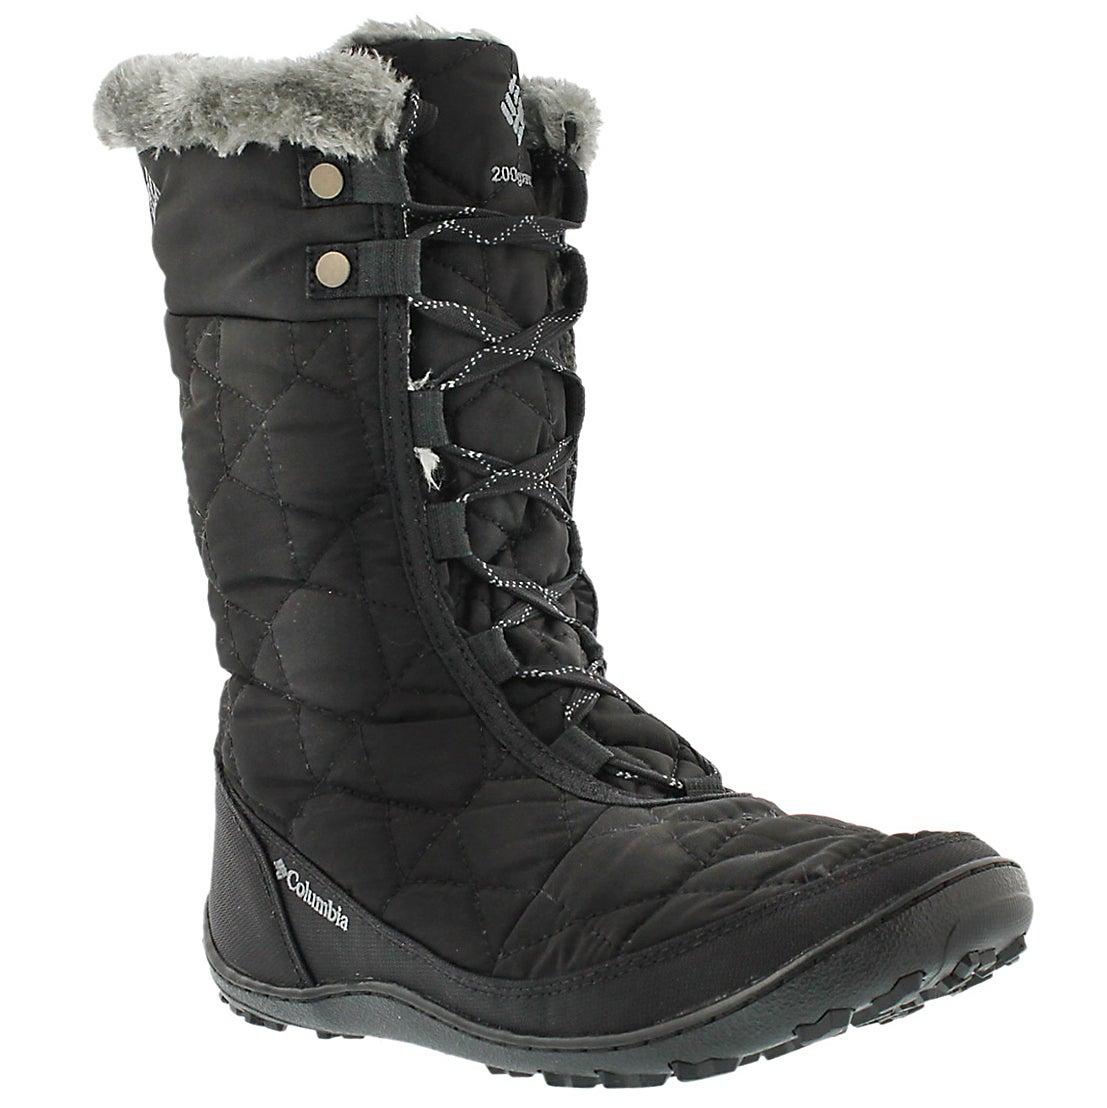 Women's MINX MID II black winter boots